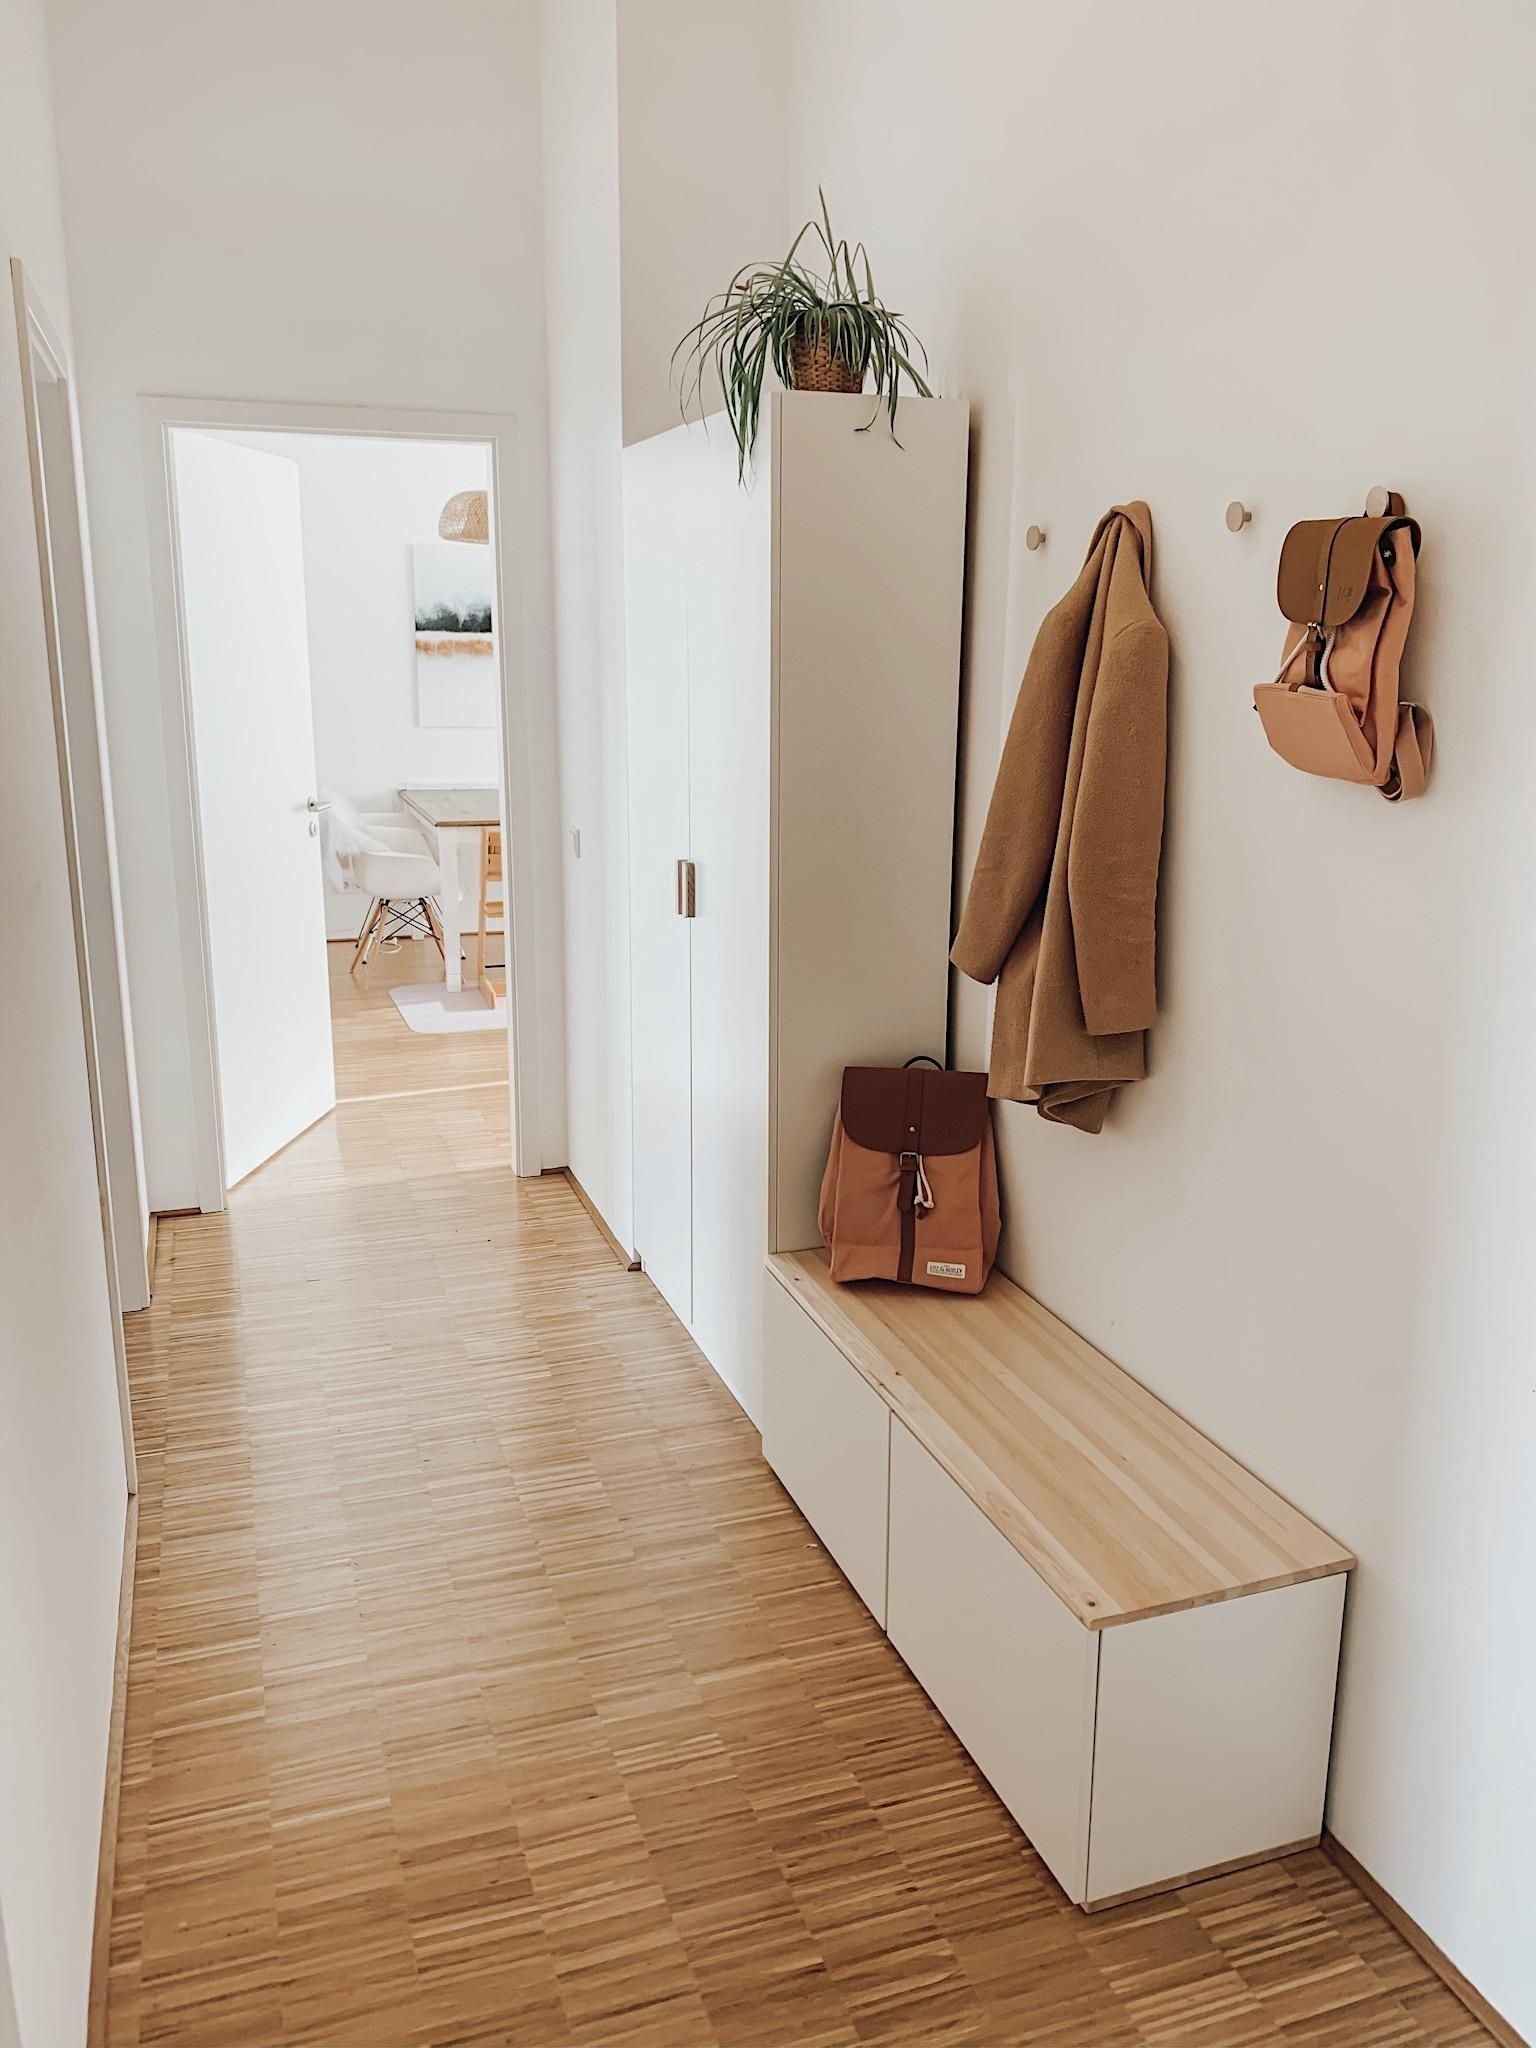 flur  ikeahack  couchliebt  minimalistisch  nordicl...